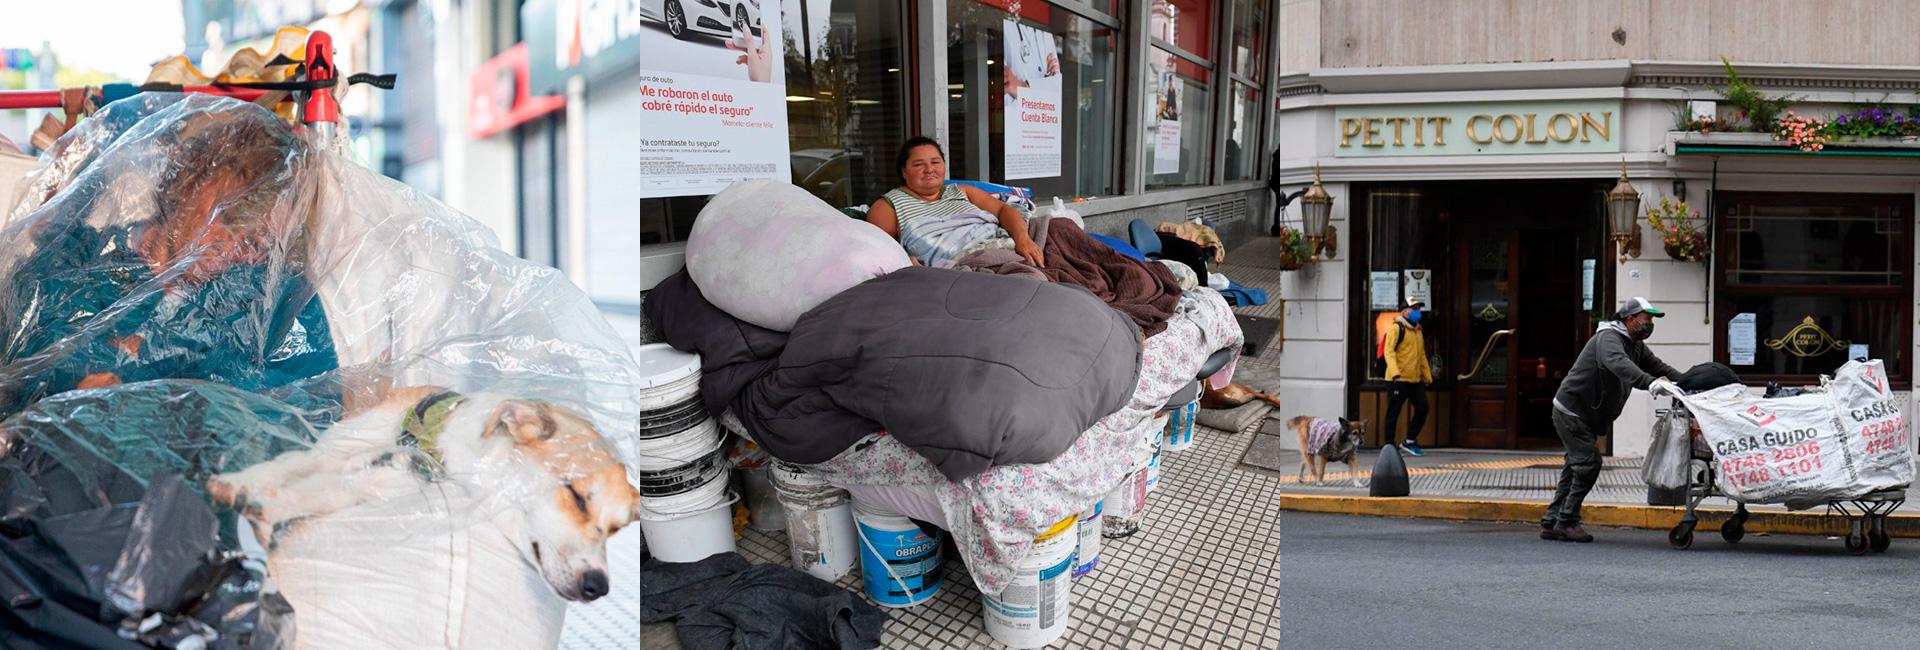 El número de personas bajo la línea de pobreza probablemente supere el que imaginó el Presidente.  Pero, ciertamente la Argentina difícilmente orille las cifras de mortandad por Covid-19 que ya registran muchos países